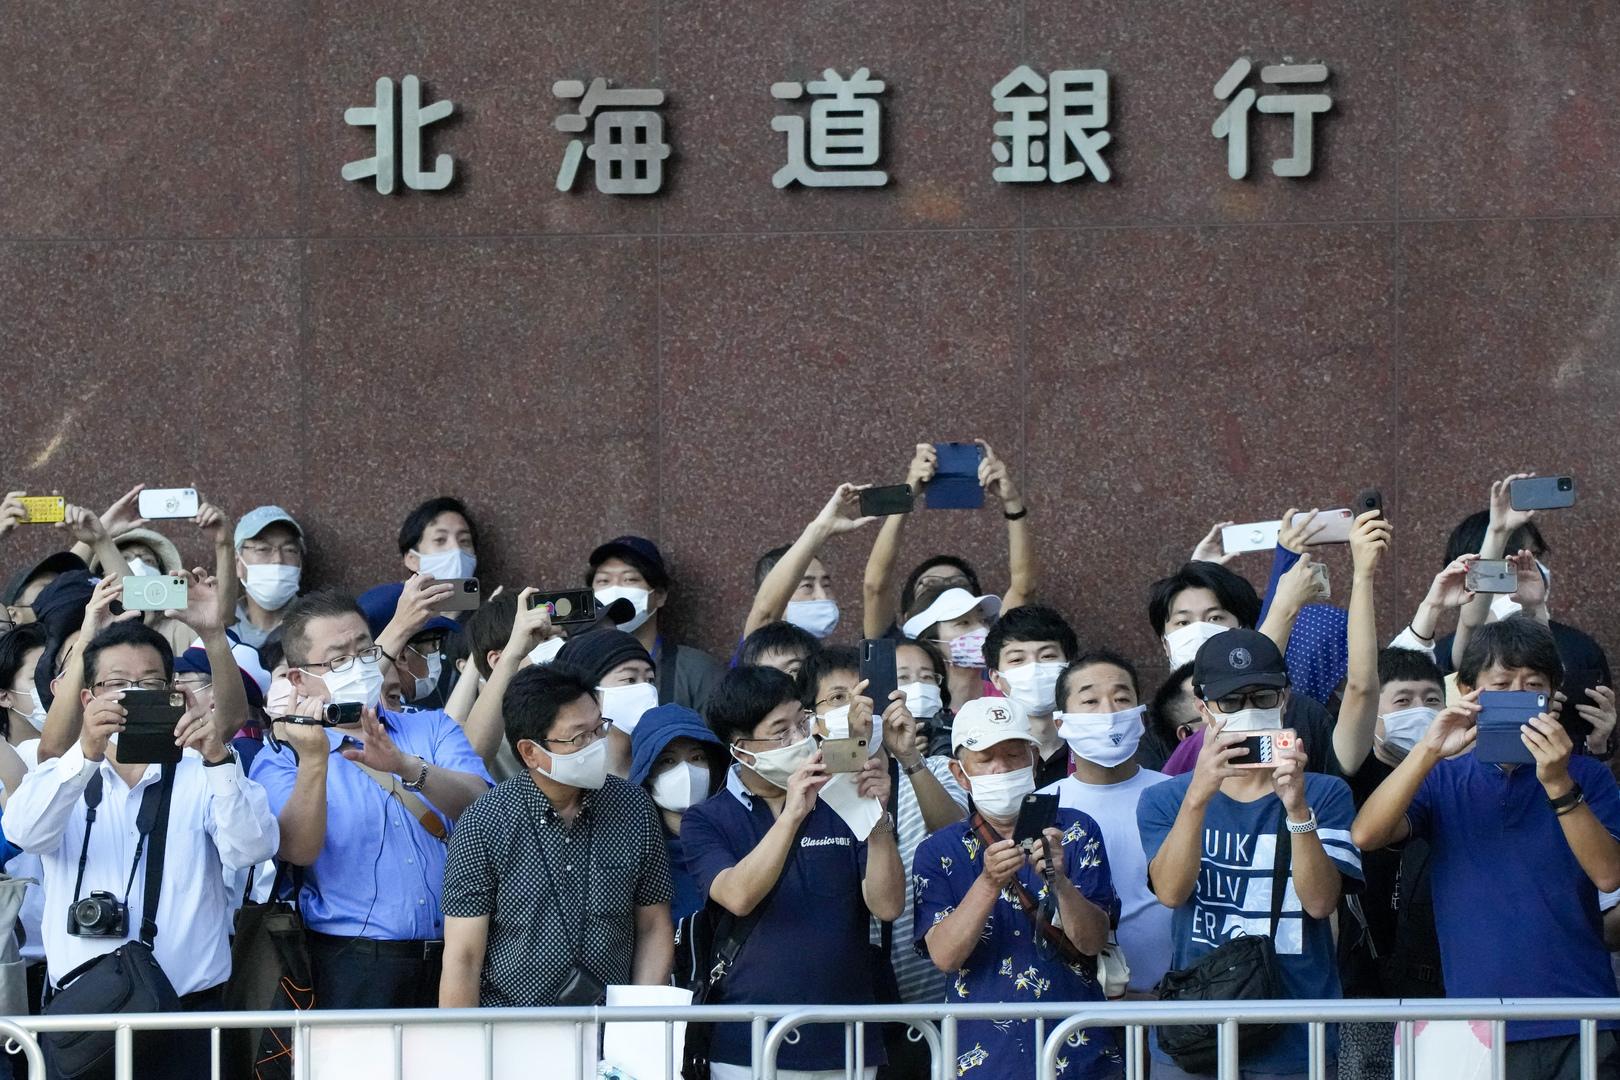 اليابان توسع حالة الطوارئ بسبب كورونا لتشمل 8 محافظات أخرى